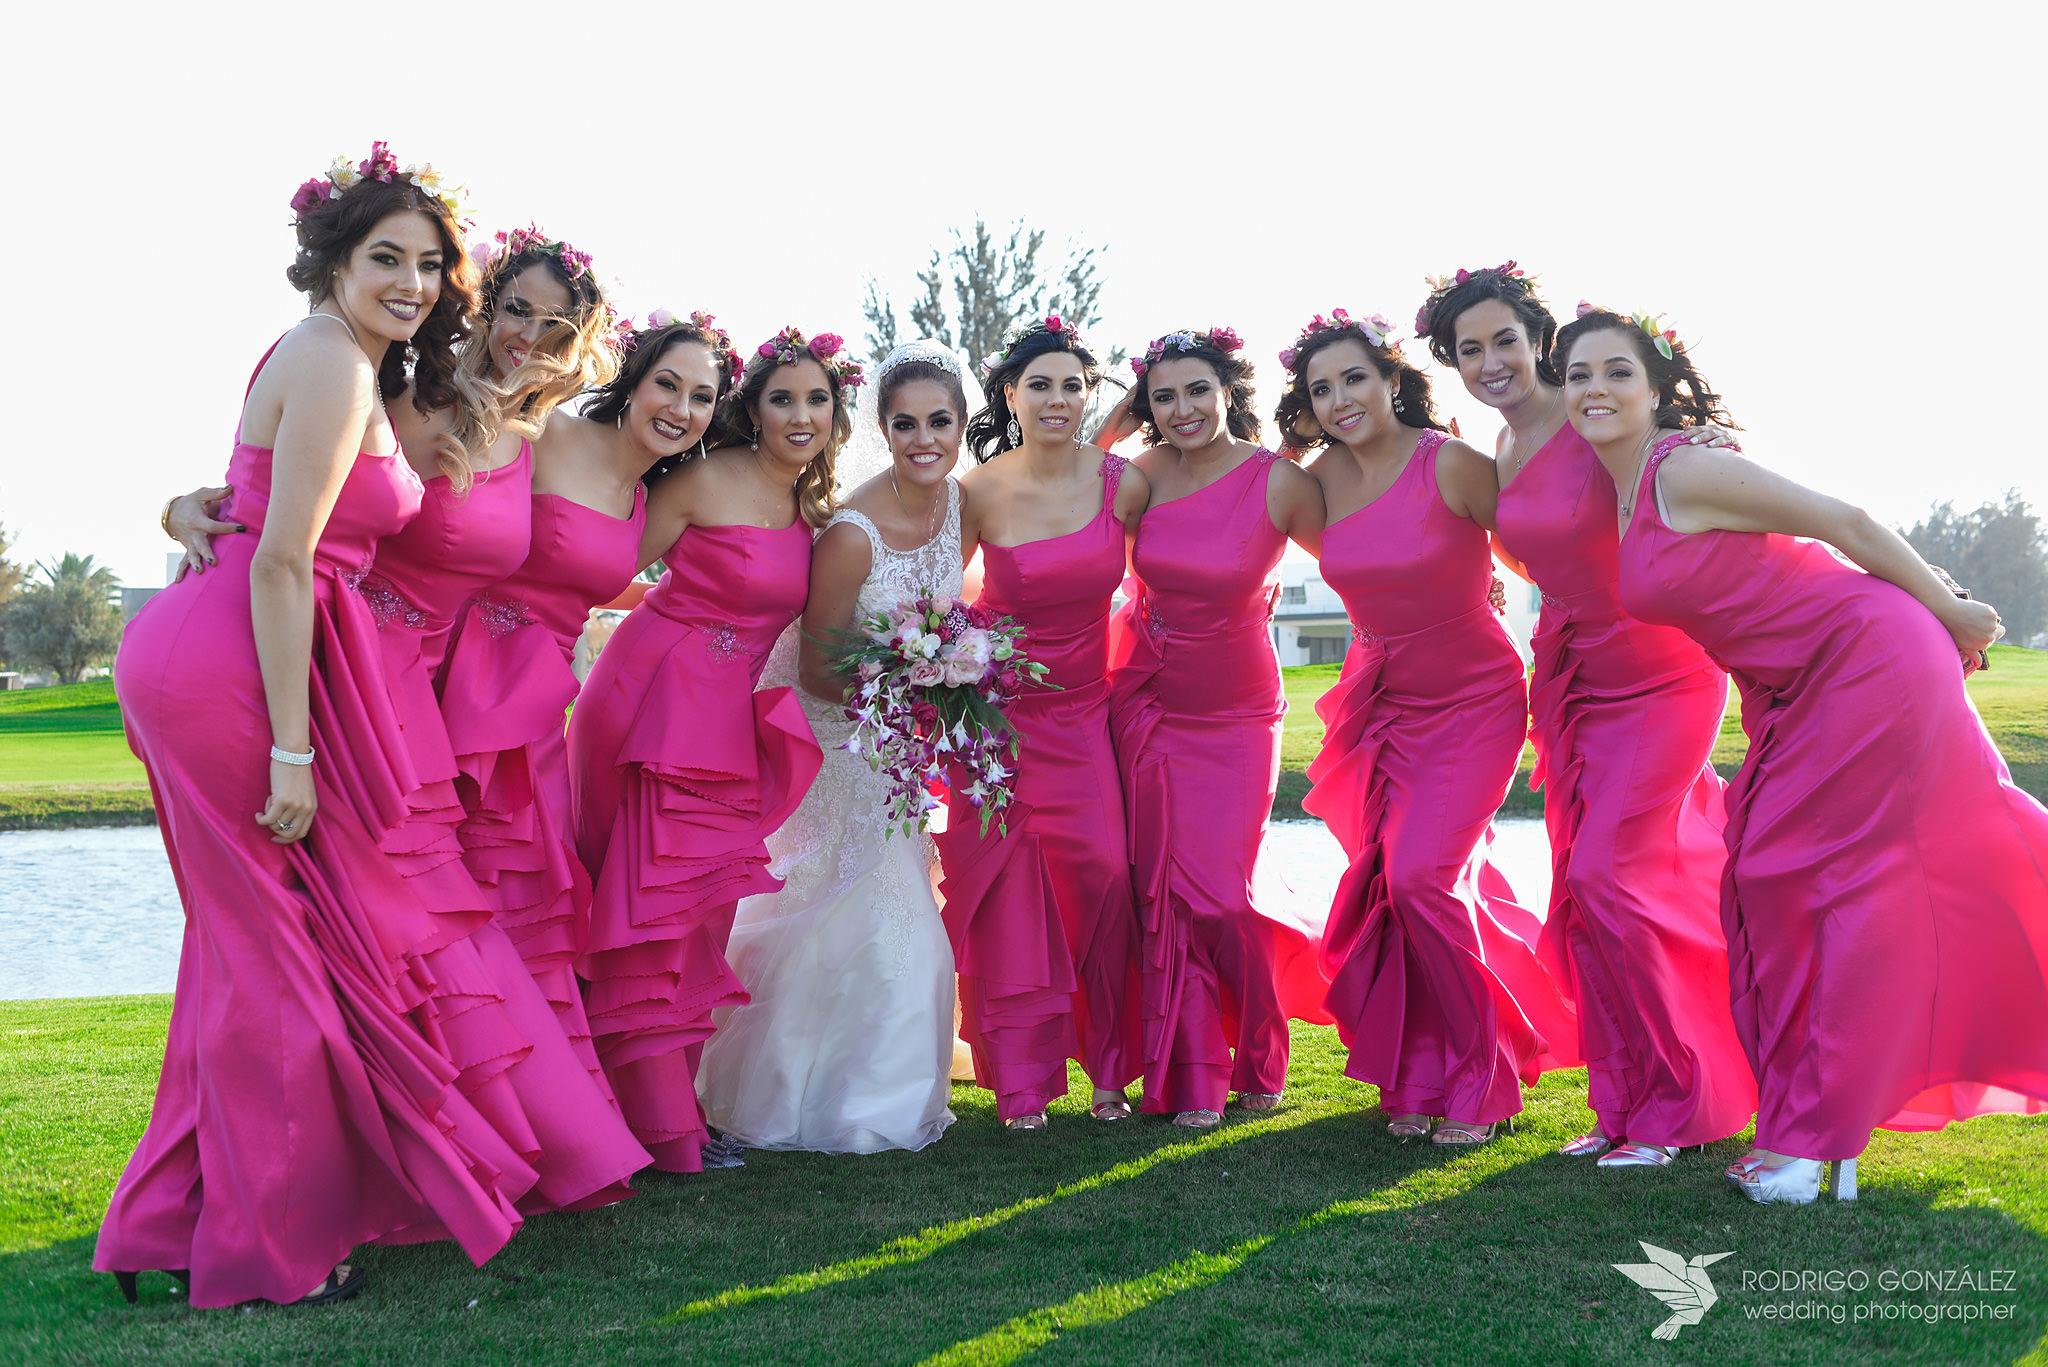 bodas-en-la-vista-country-club-0528